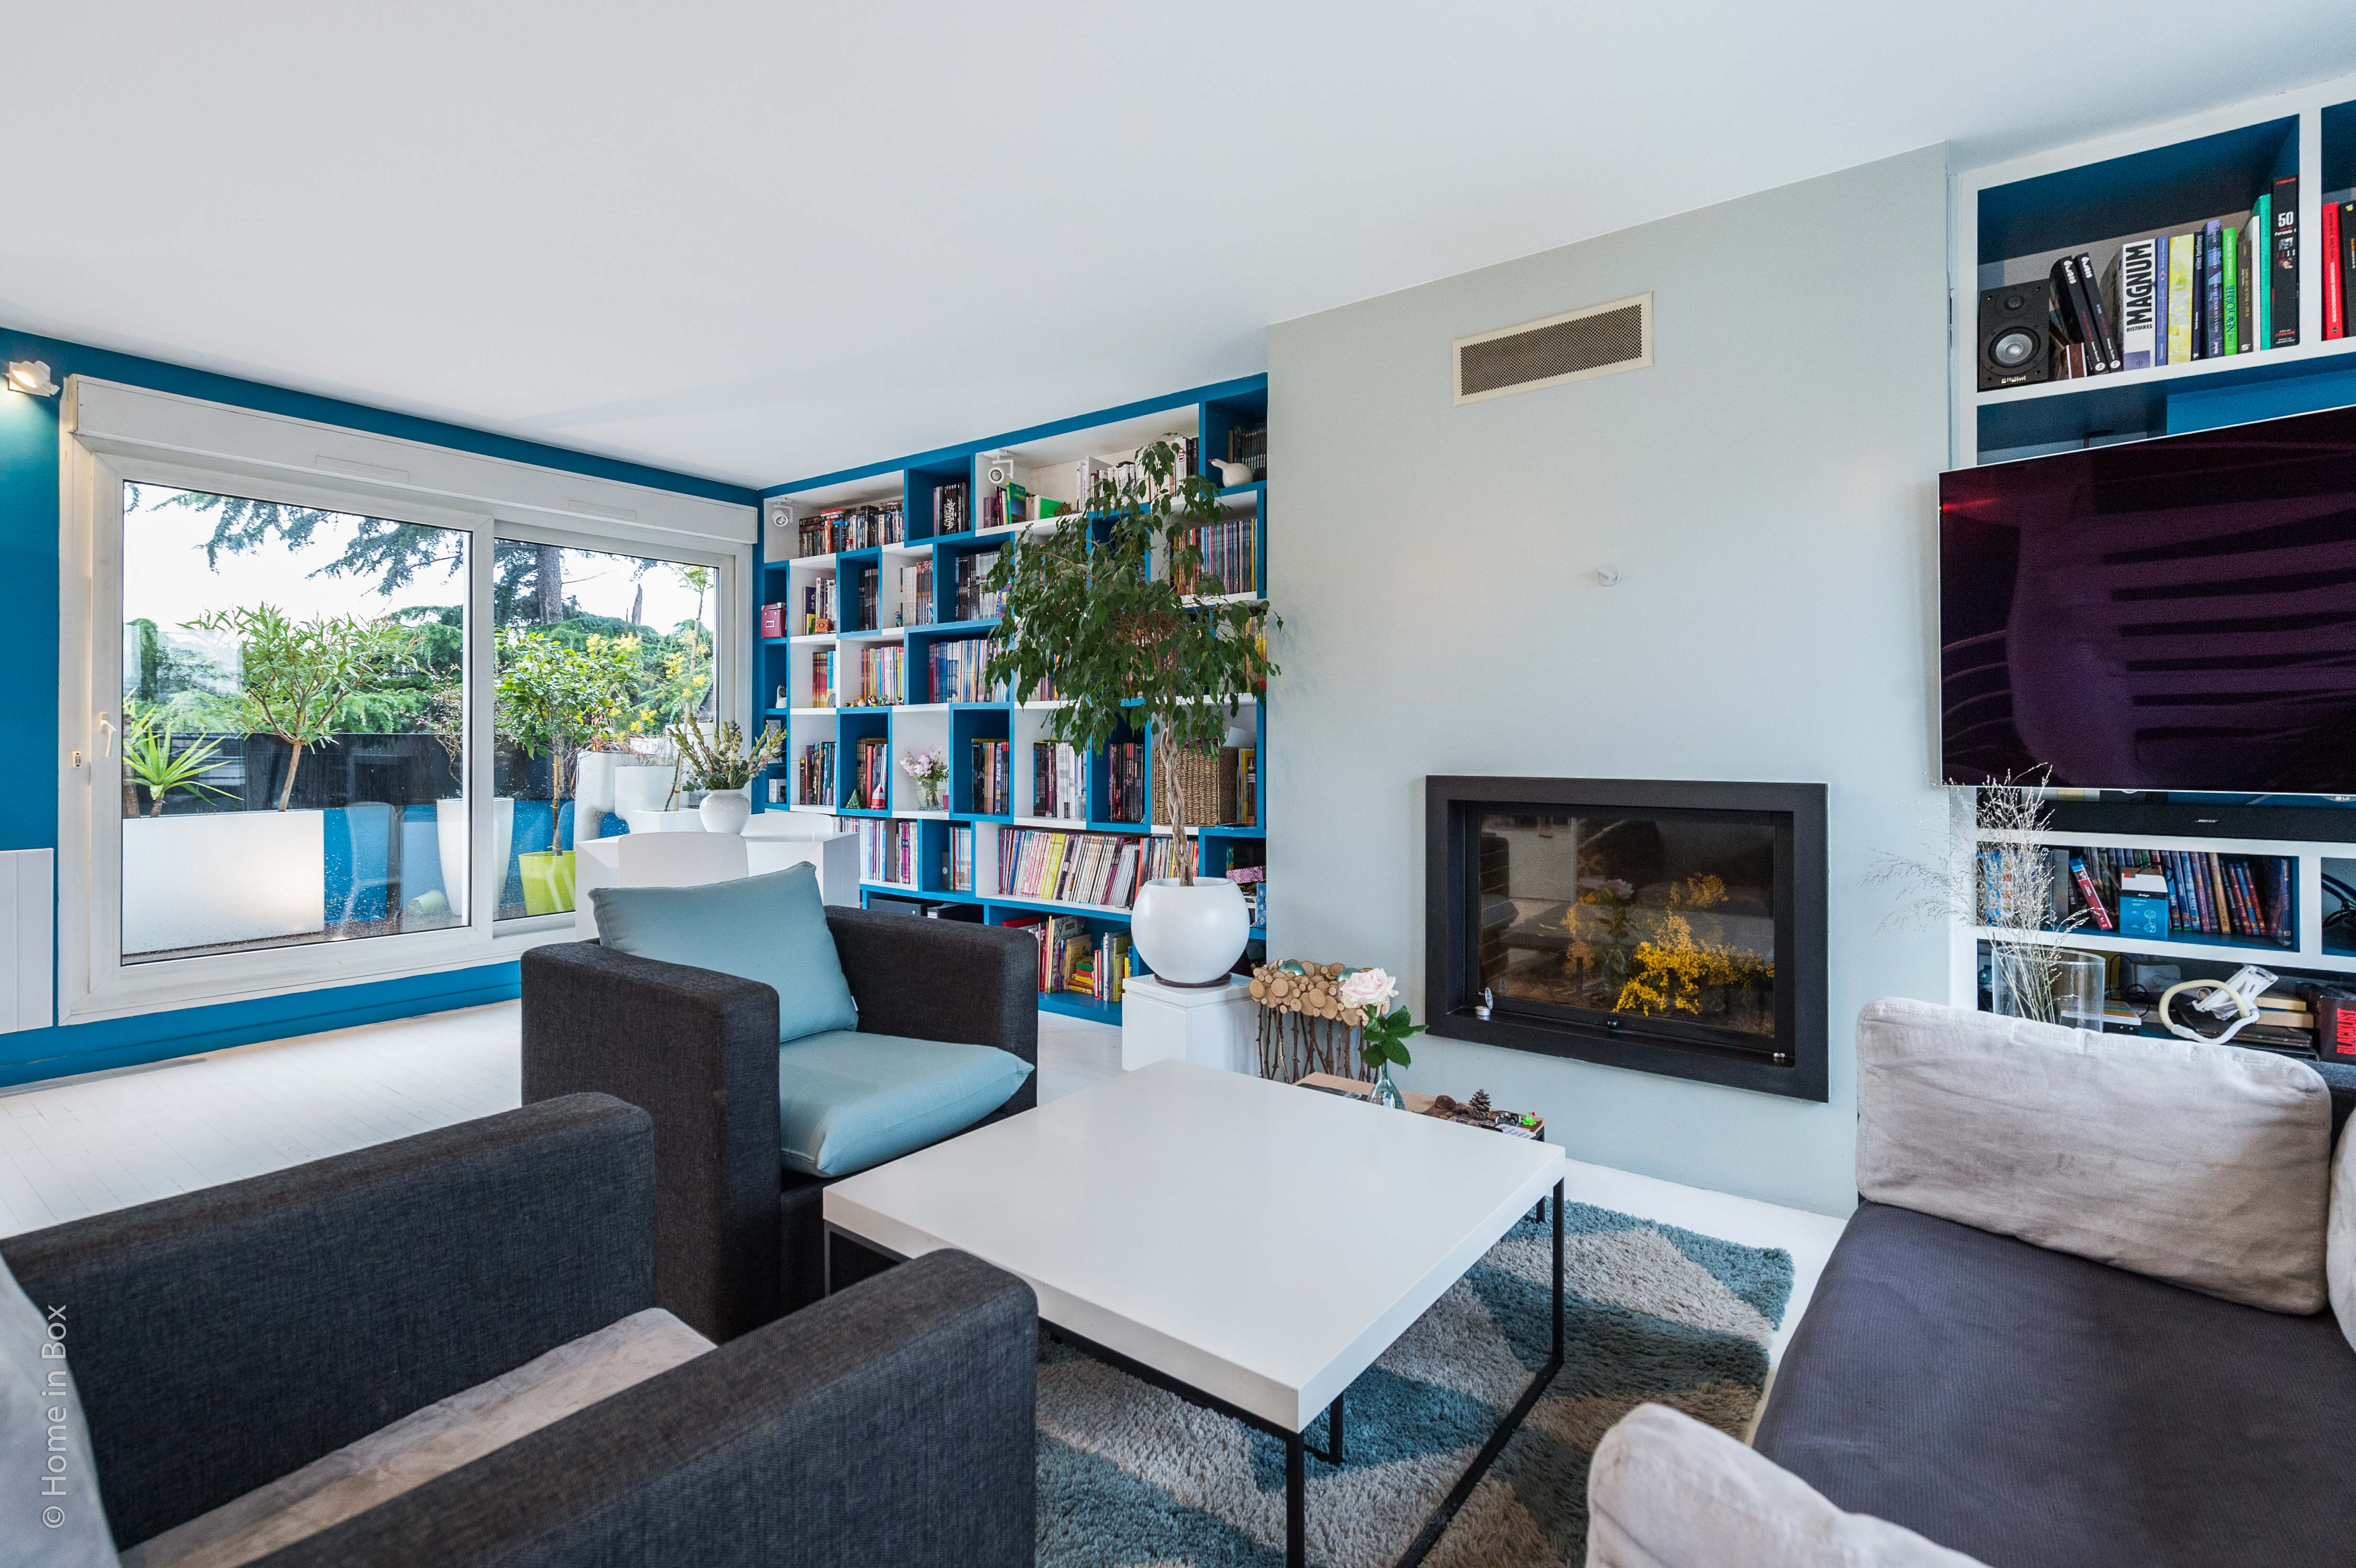 Buro2Déco -Un appartement en duplex aux couleurs Comics Arty : Aménagement et déco espace de vie, à Asnières-sur-Seine